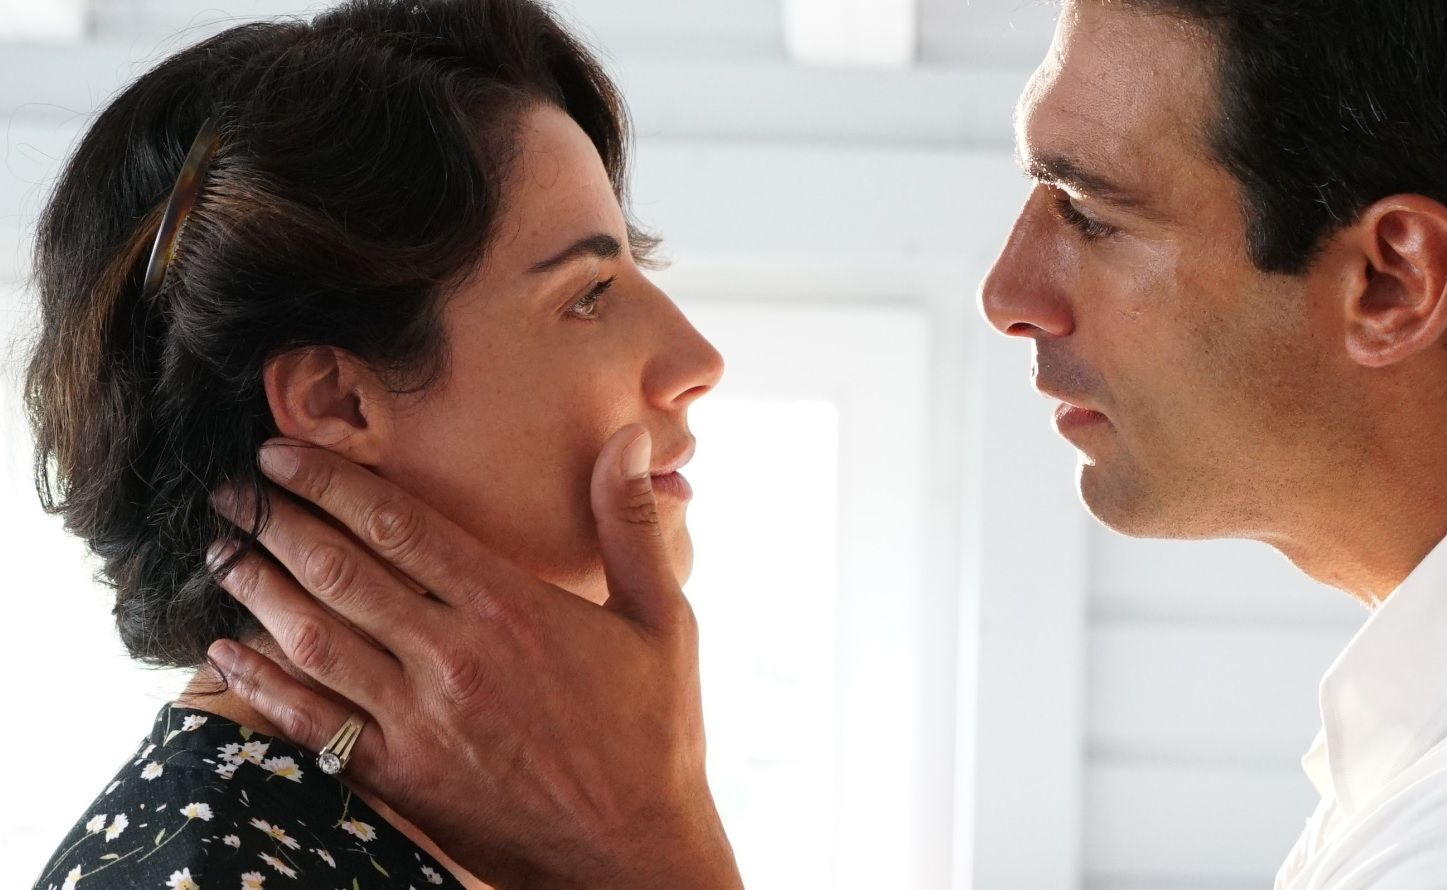 La vita promessa 2, Luisa Ranieri: 'Per me era finita dopo l